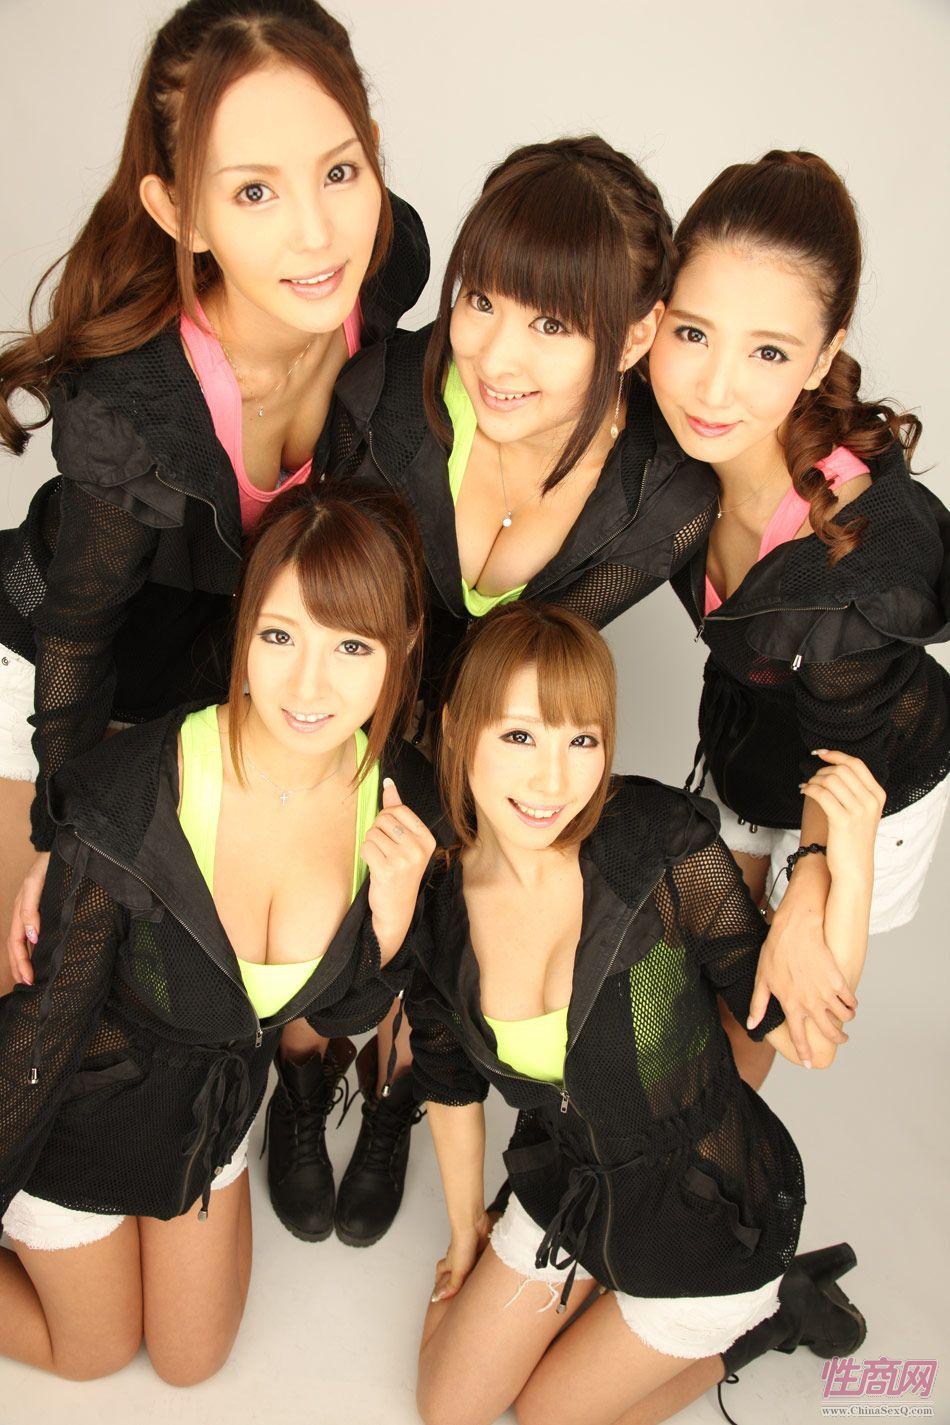 参展的日本女子组合BRW108